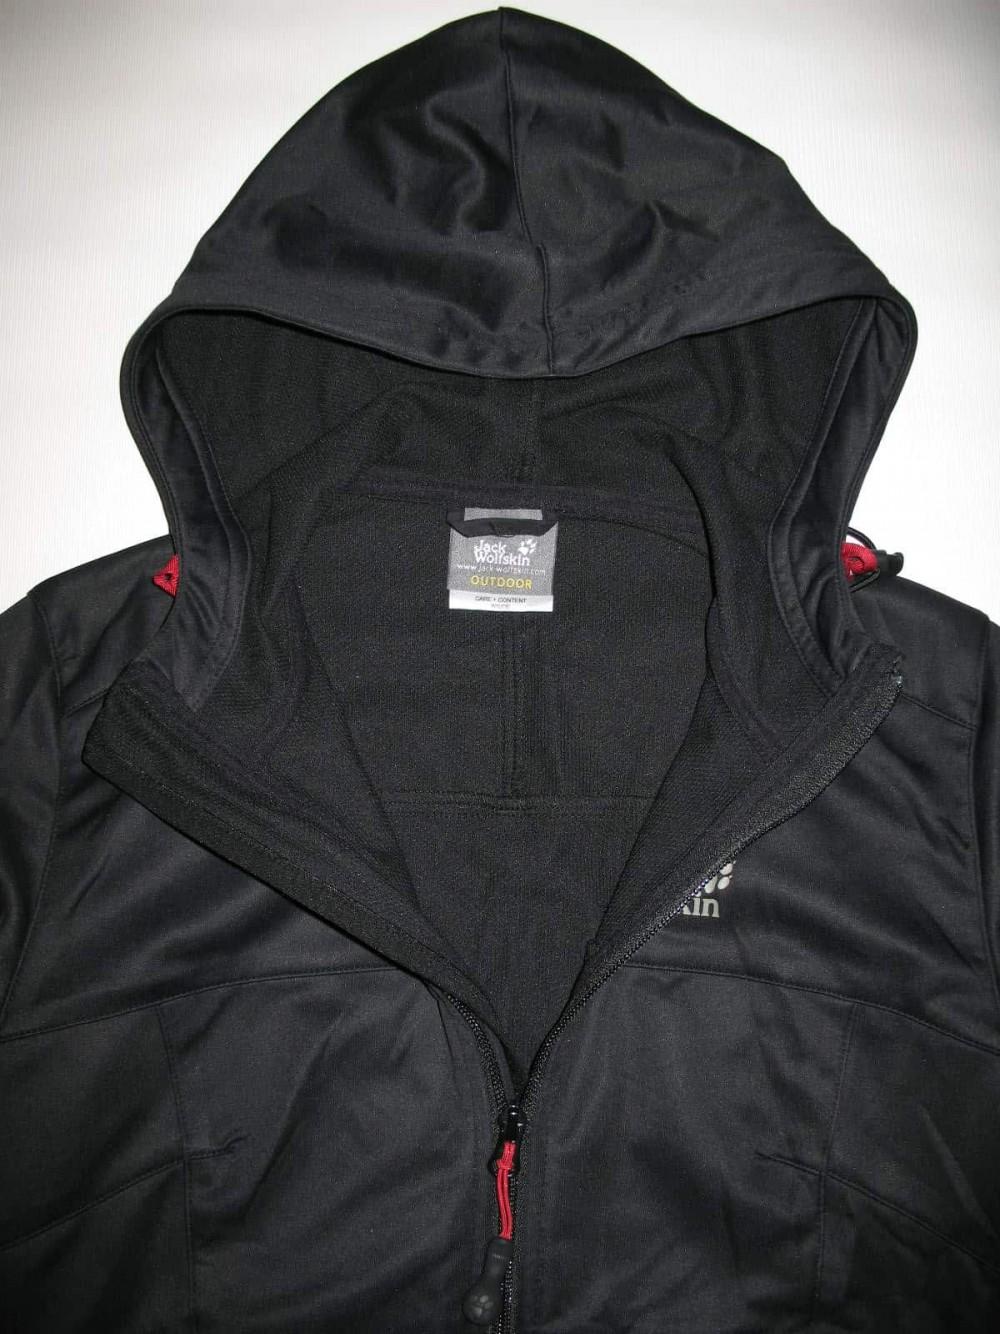 Куртка JACK WOLFSKIN sonic coat lady (размер XS) - 4